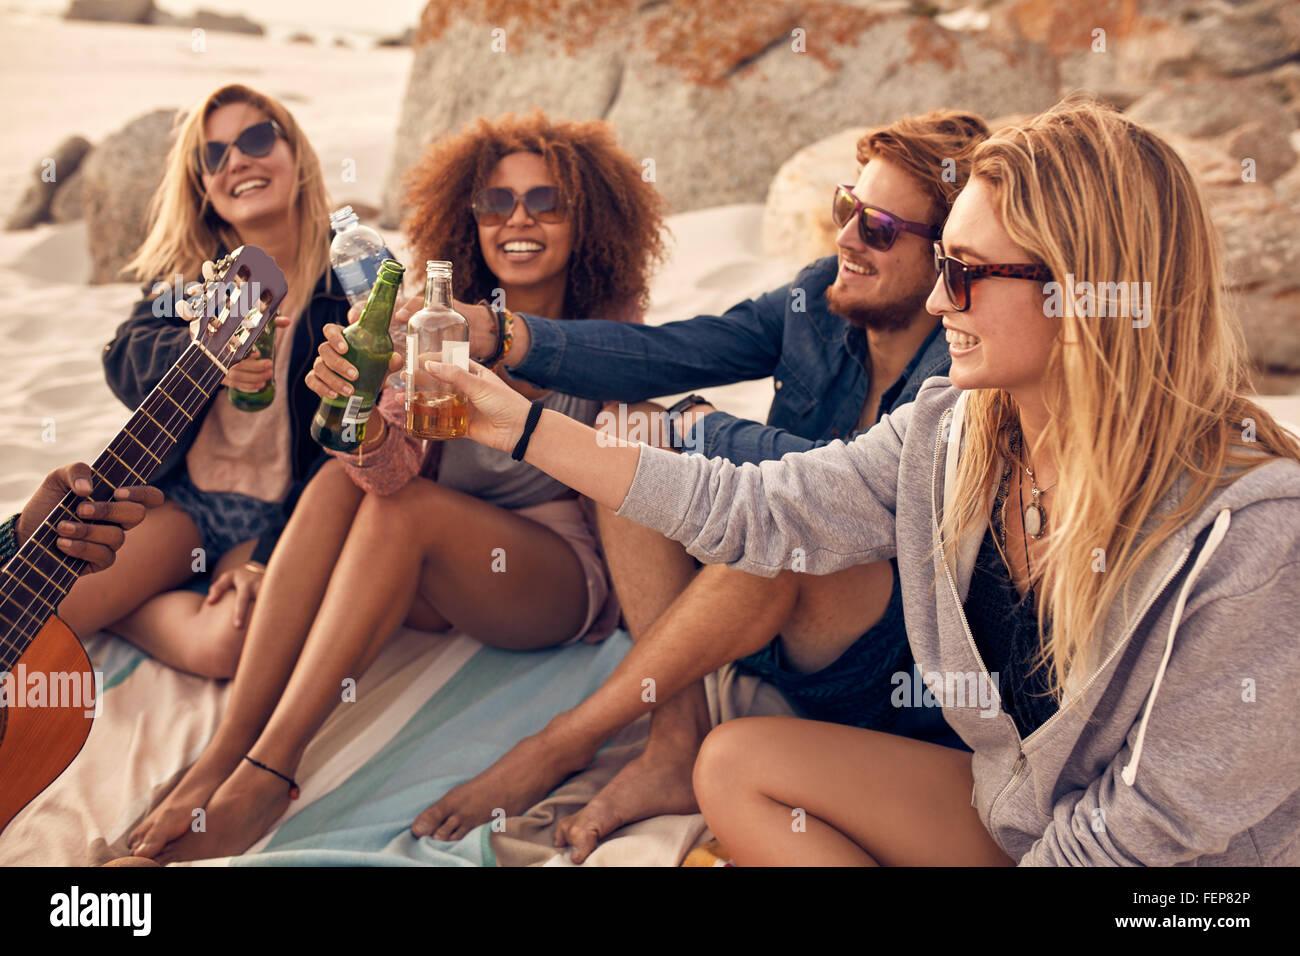 Jóvenes sentados junto a la playa y hacer una fiesta. Grupo de Amigos Saludos con cervezas a la playa. Imagen De Stock